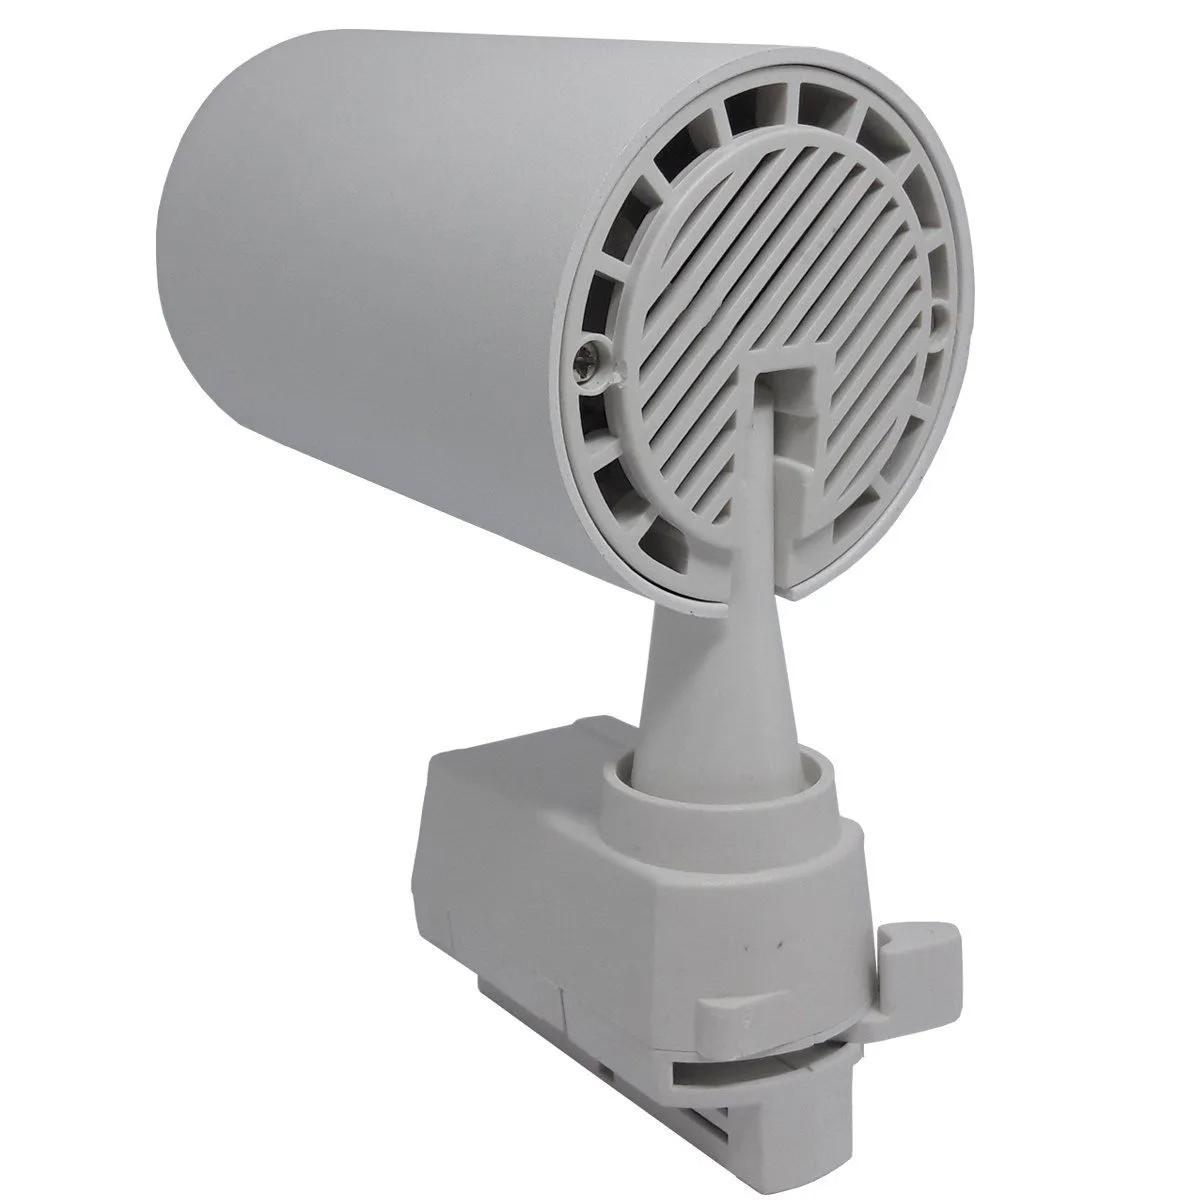 Spot LED Trilho 12W Branco Bivolt Branco Quente 3000K